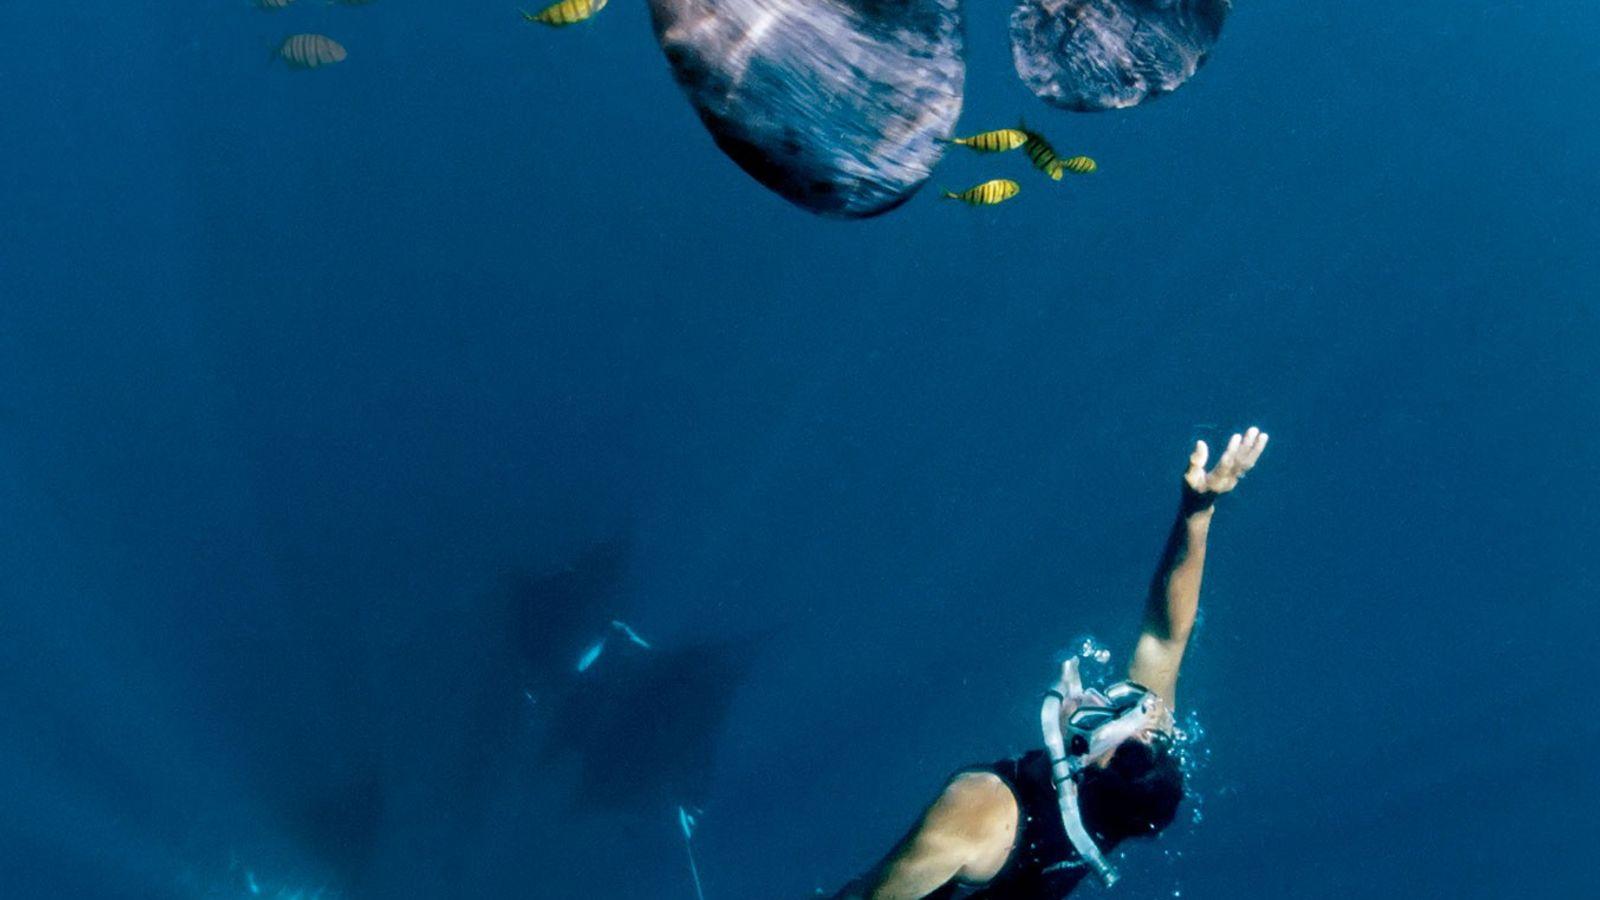 Um praticante de snorkeling nada com uma manta.